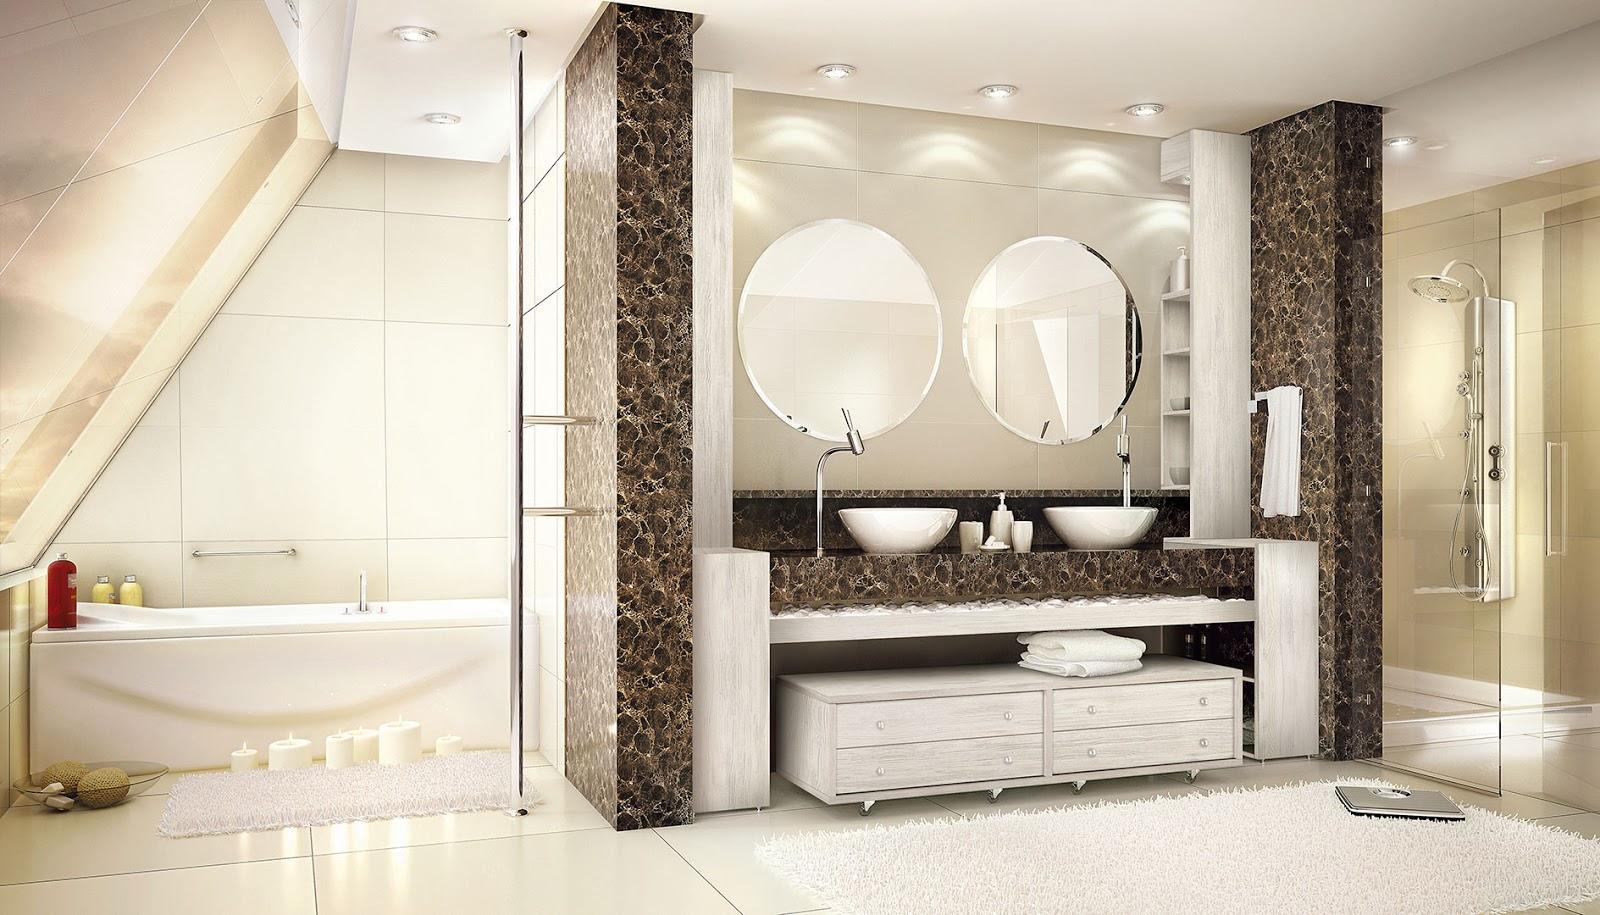 Móveis planejados RJ (21) 3701 8700 zap 96592 9241: Banheiros #9B8730 1600x915 Acessorios Banheiro Reflexos